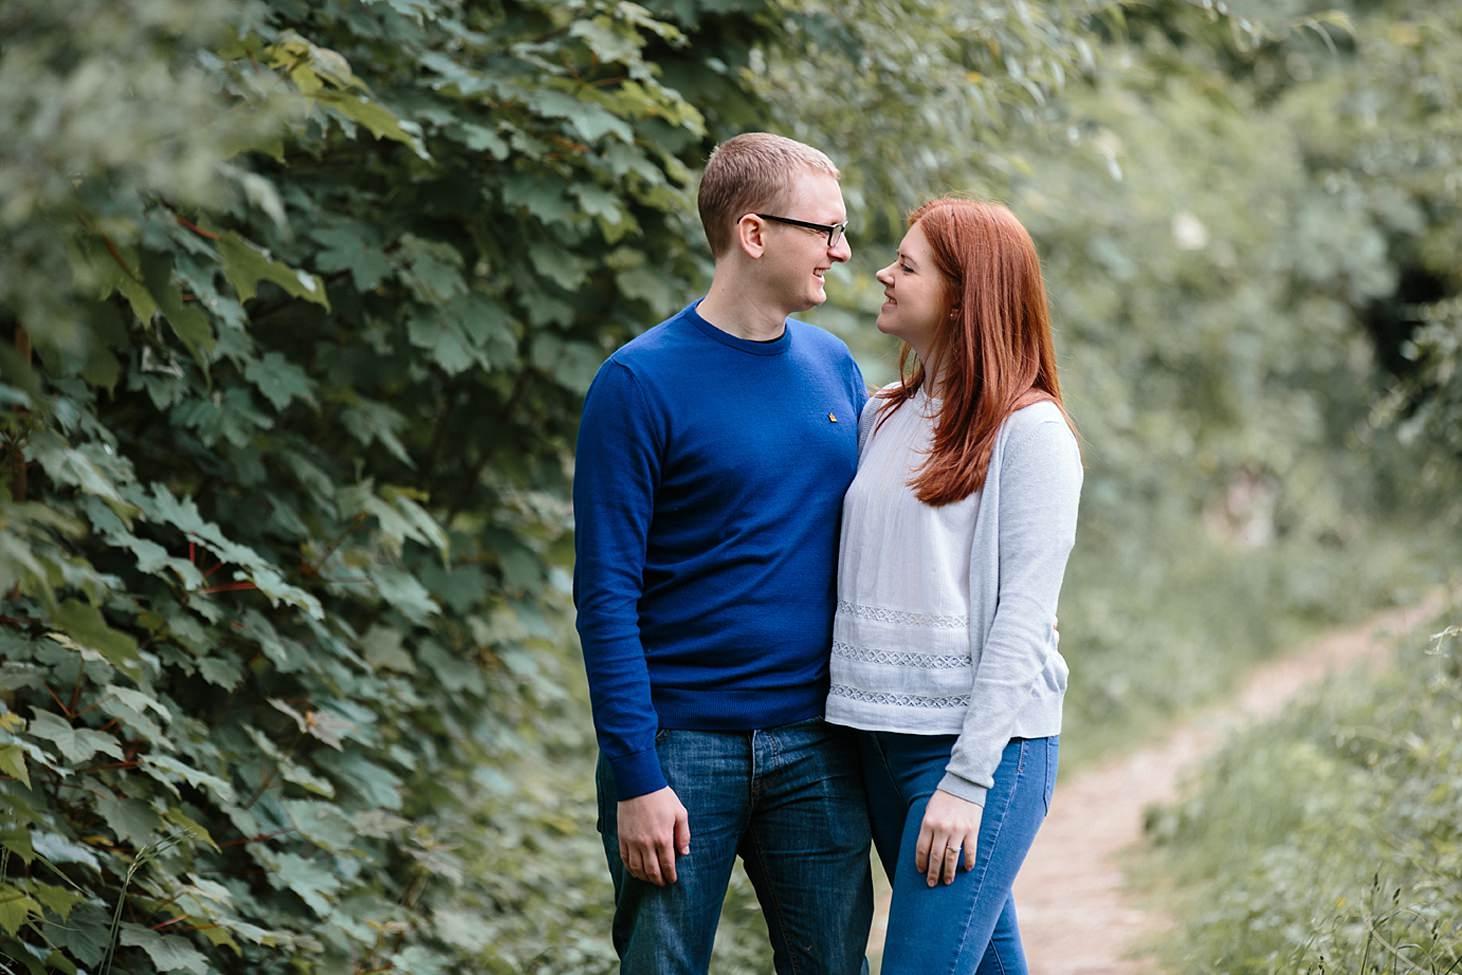 arundel engagement shoot couple